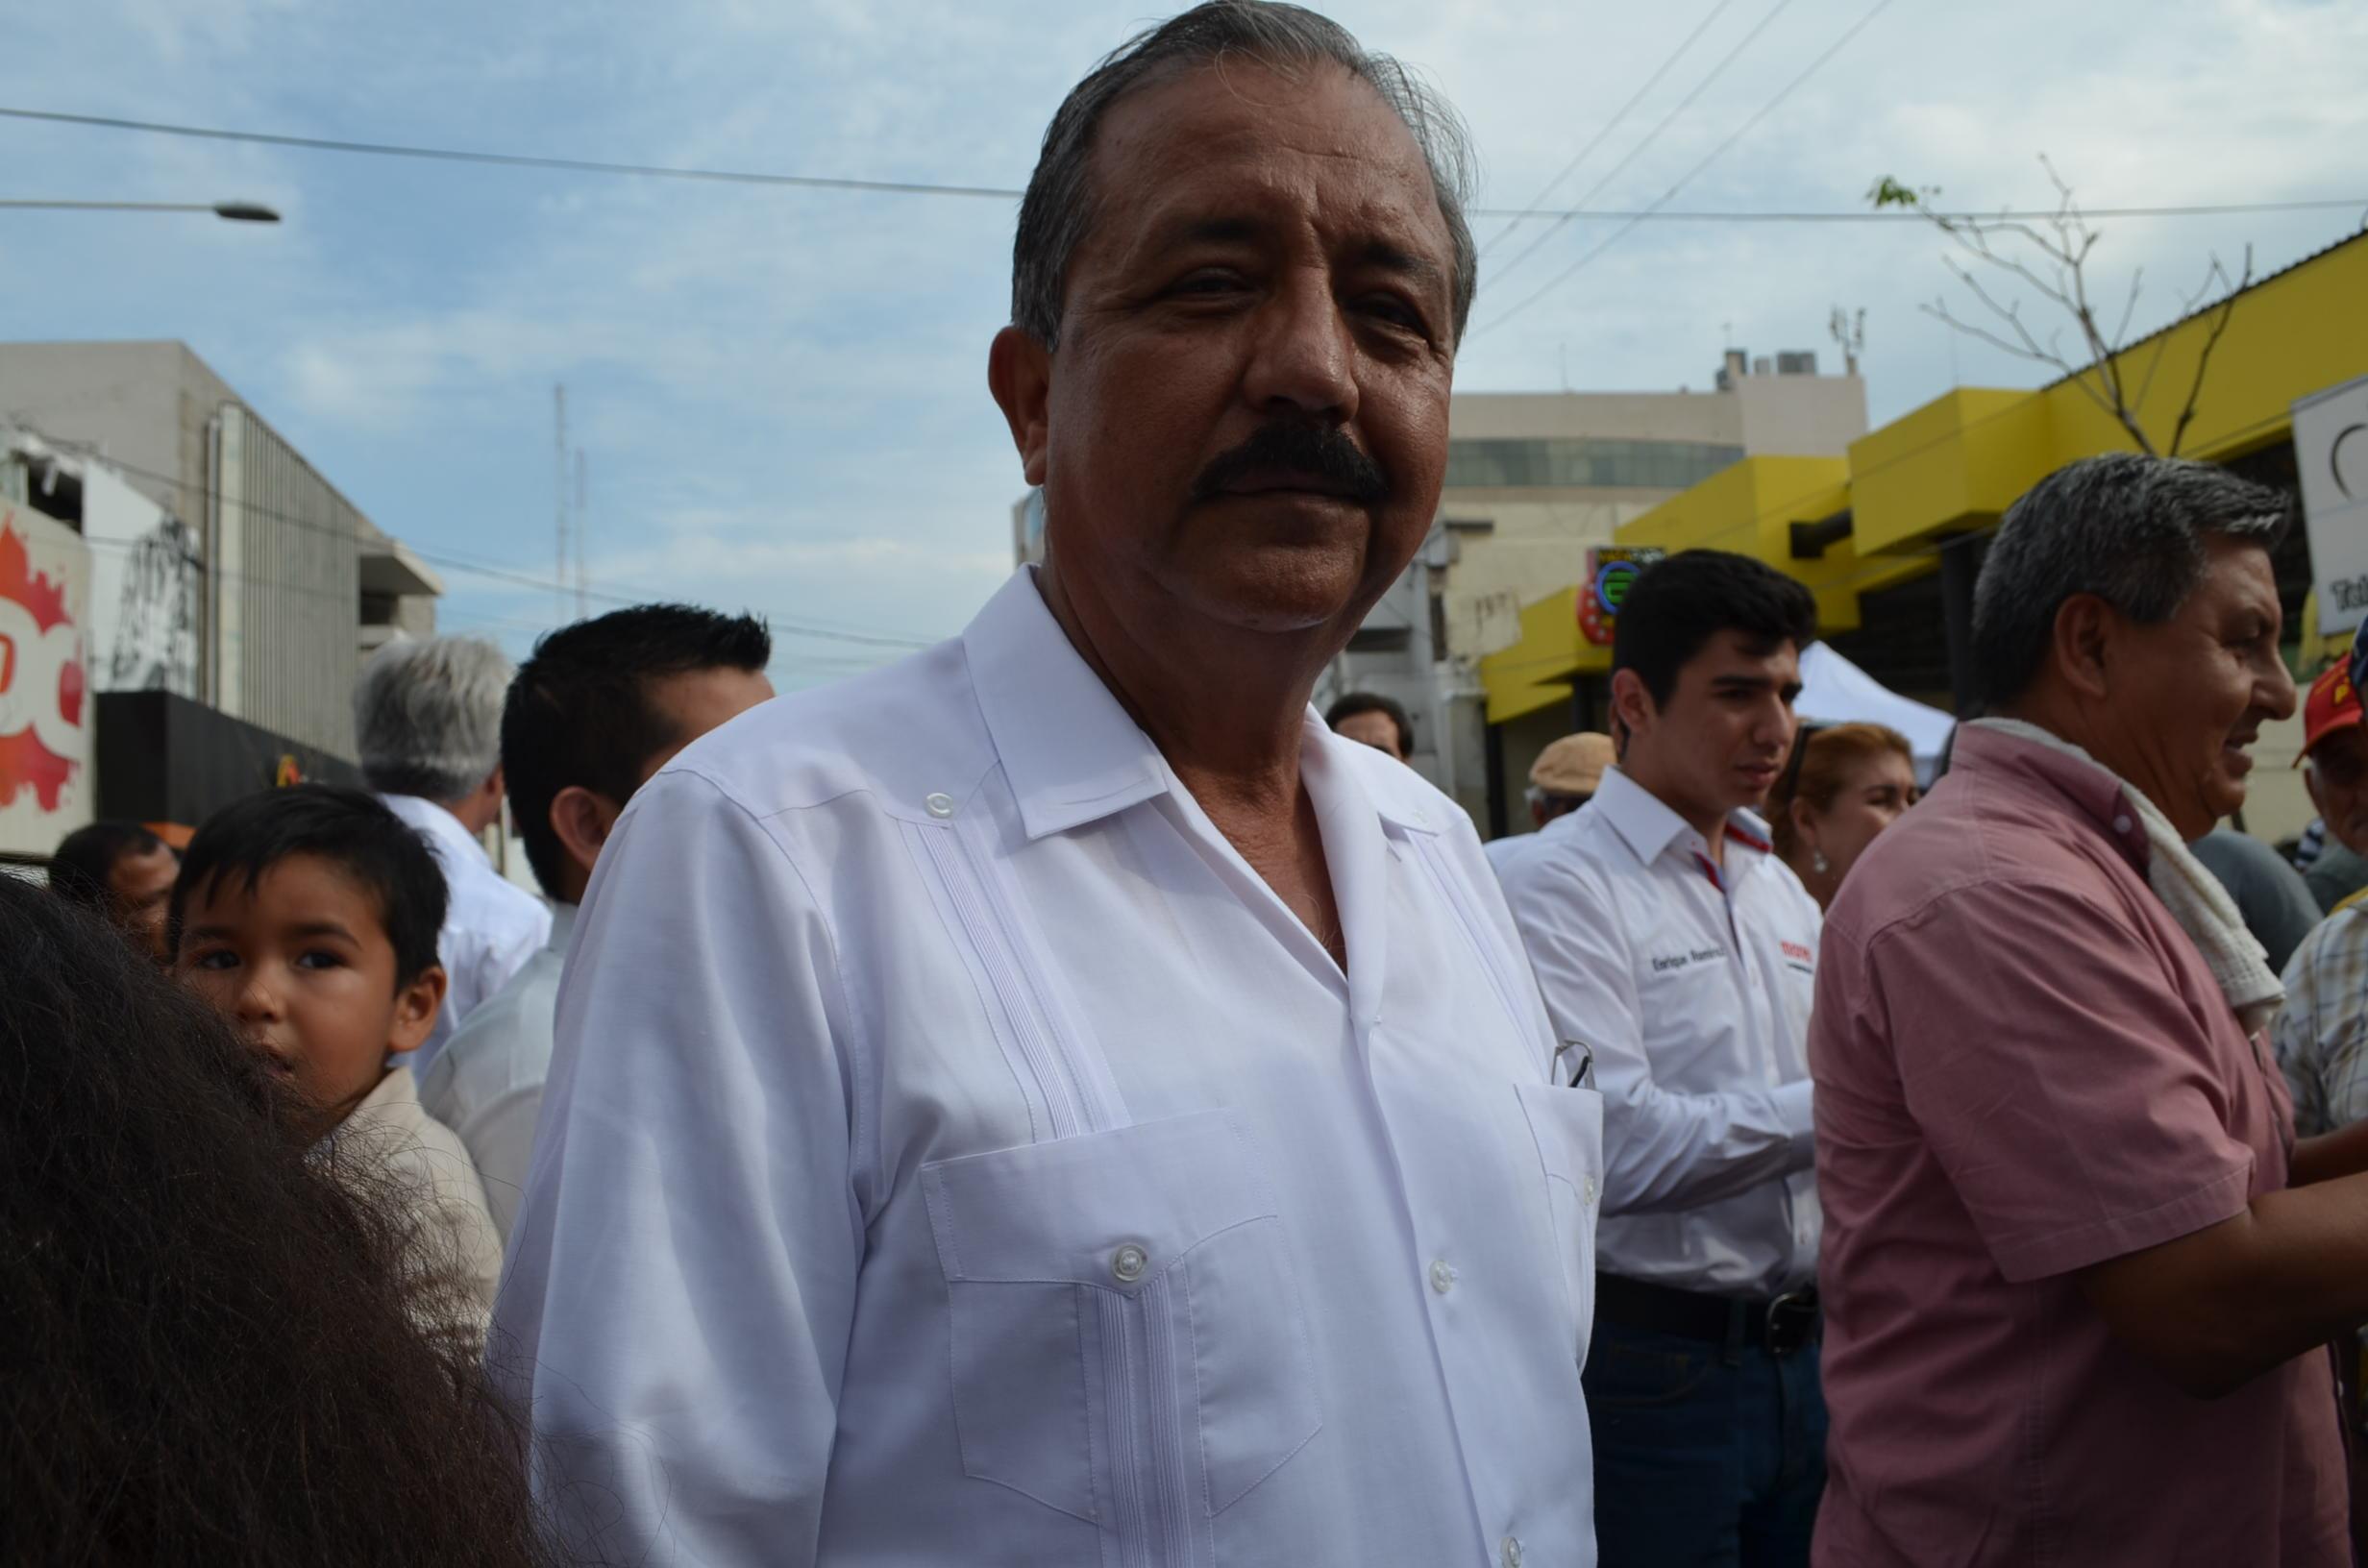 Estrada Ferreiro, argumentó que había incongruencias y compadrazgo en el gobierno actual. Fotografía: Gabriela Sánchez